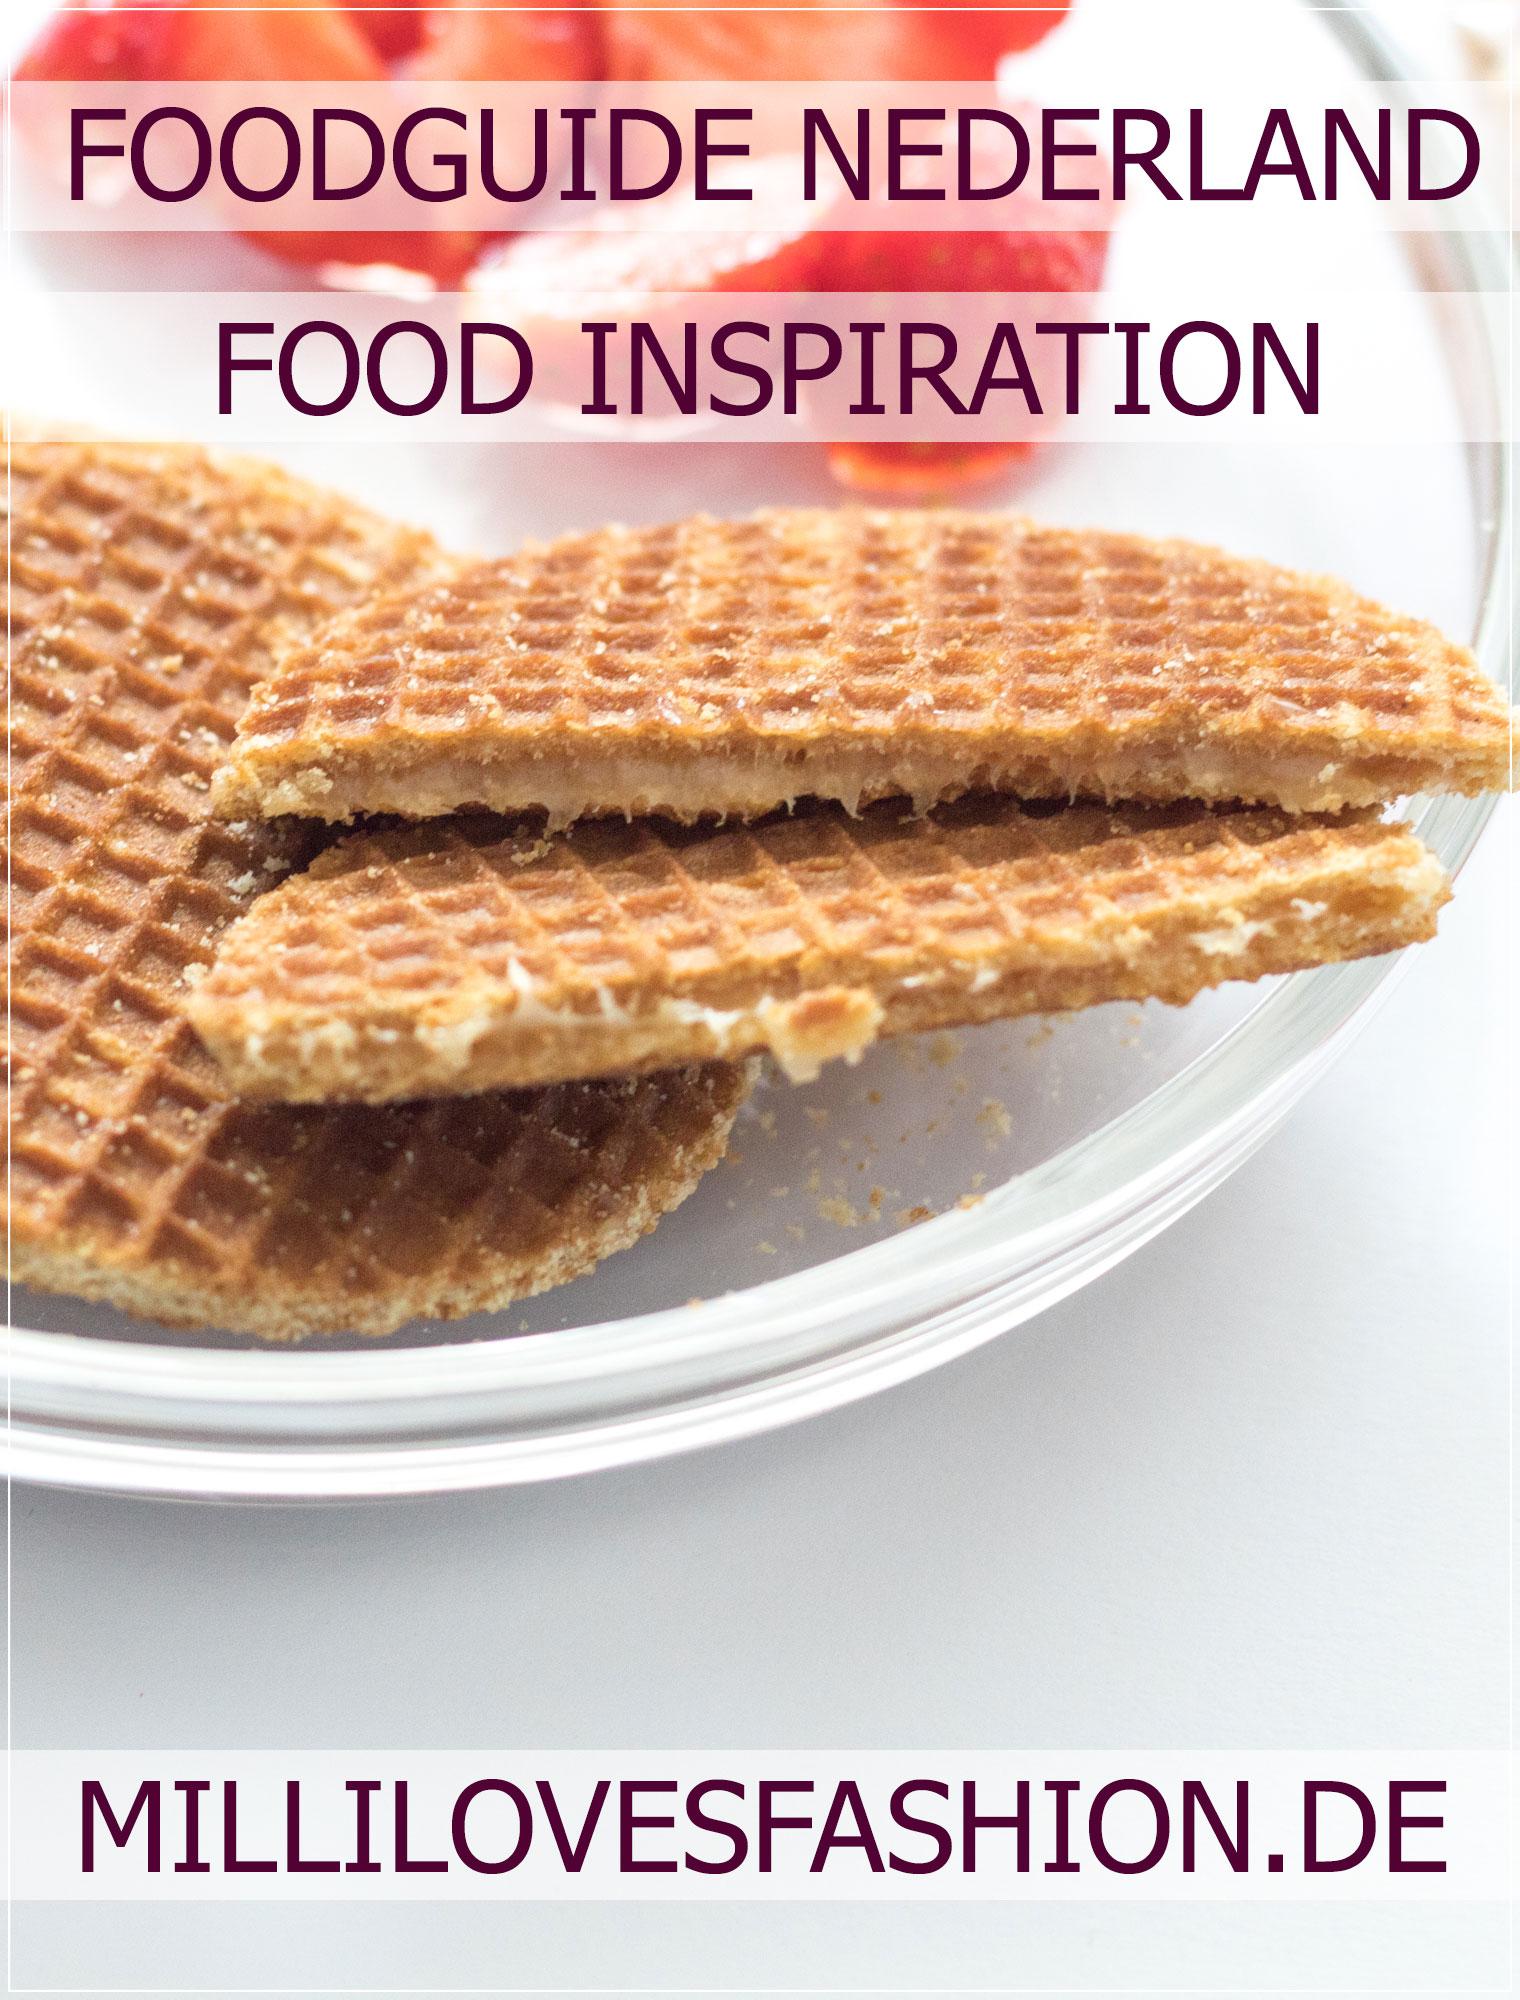 Stroop Waffels, niederländische Spezialitäten, Foodguide Niederlande, Holland